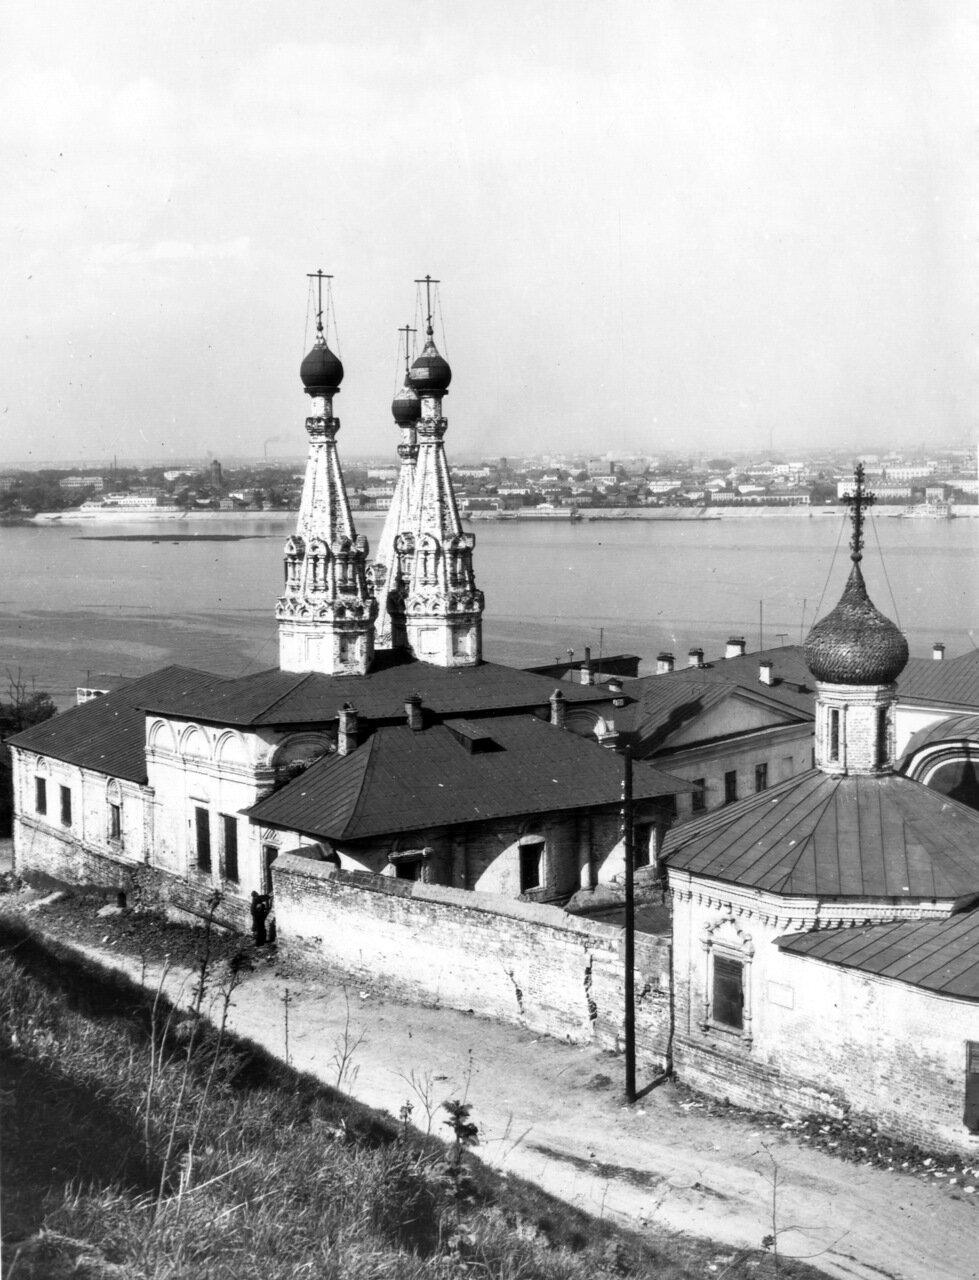 Благовещенский монастырь. Двухшатровый храм с колокольней